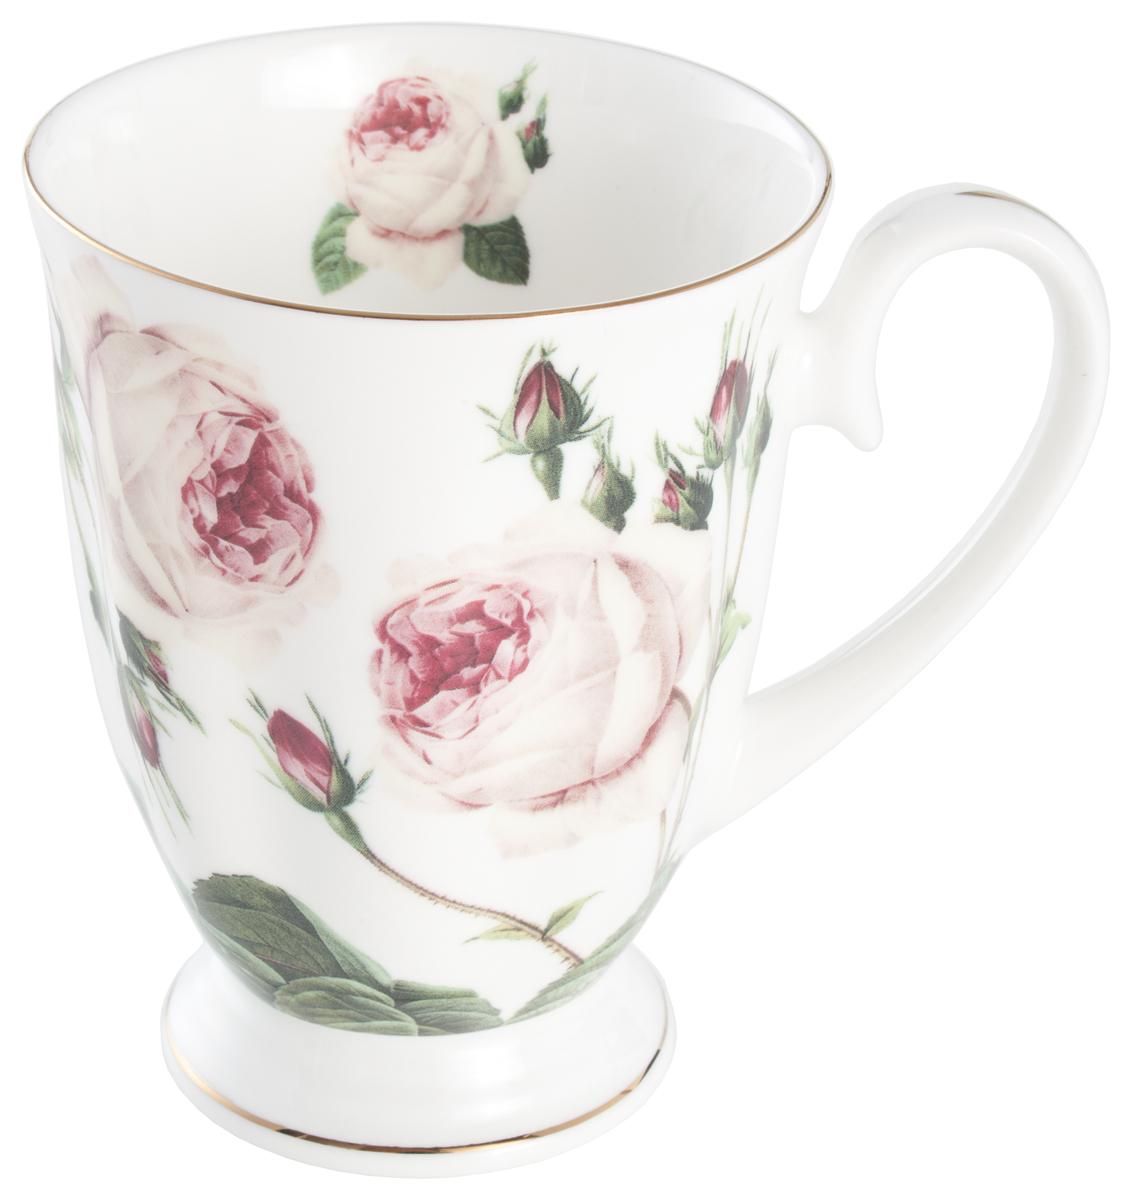 【ロイヤルアーデン】 ボーンチャイナマグカップ <br>No.37660